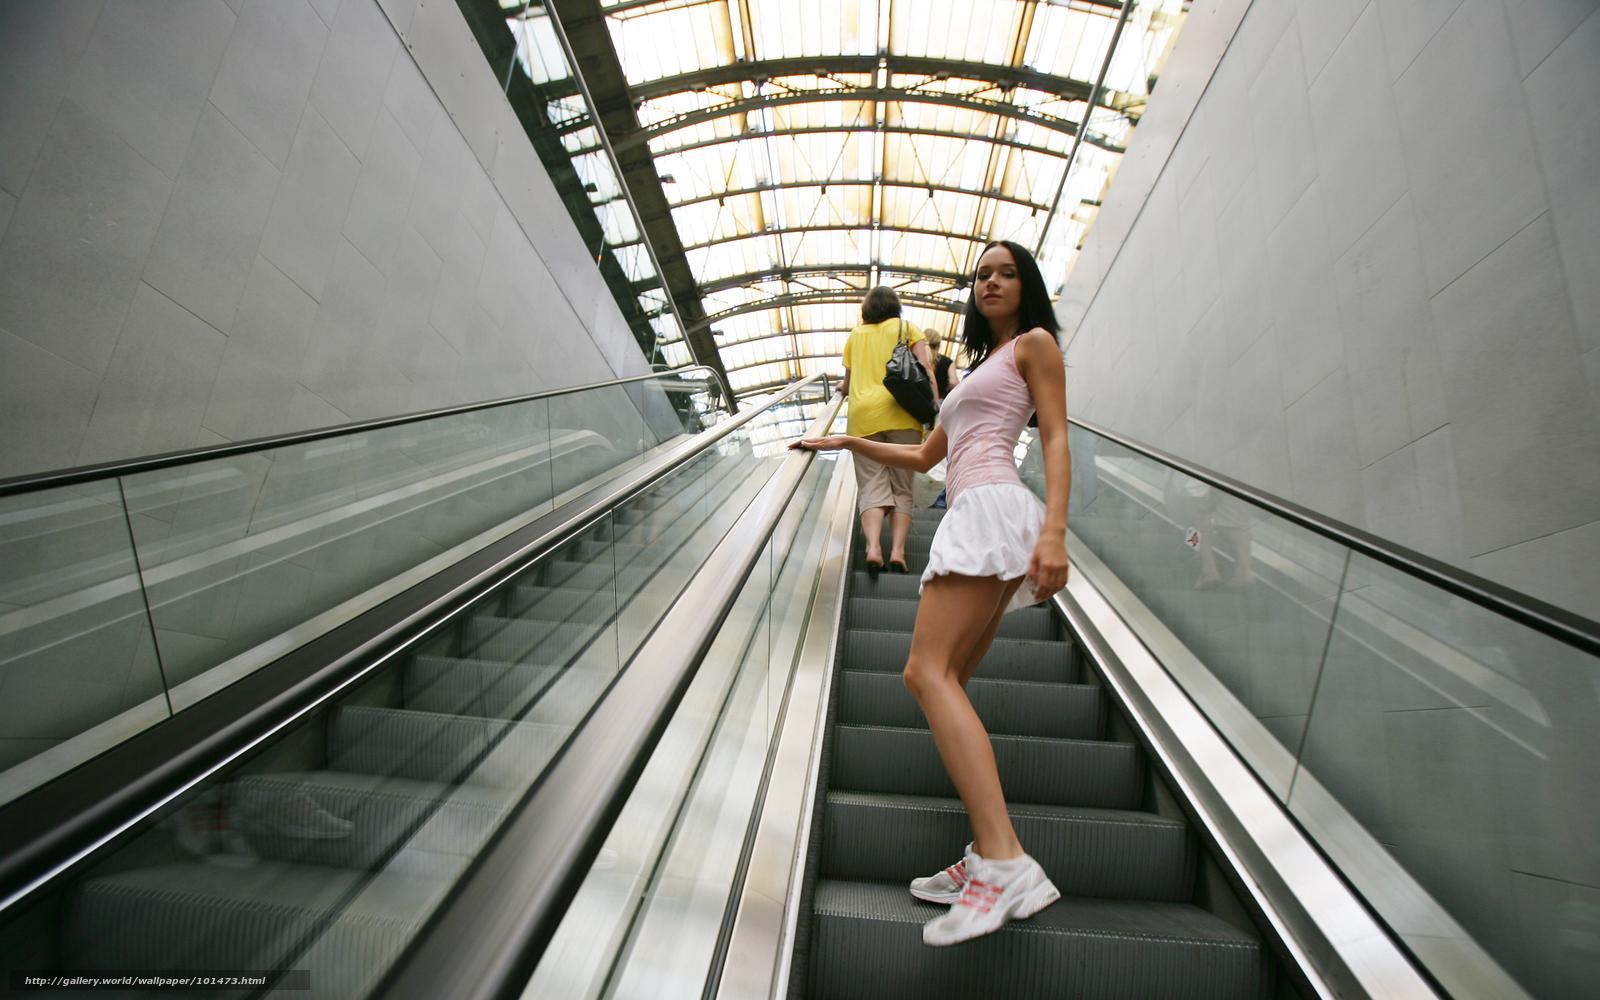 Посмотрел под юбку в метро 2 фотография